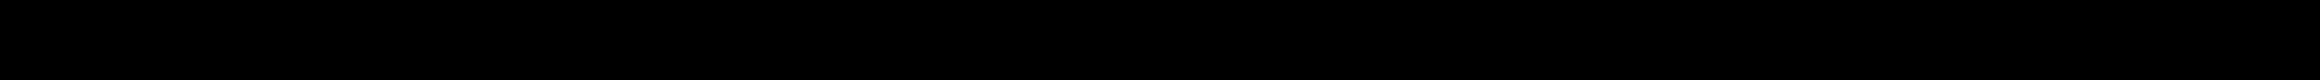 TRW 1603244, 1603384, 1603416, 93175520, 93187434 Articulación axial, barra de acoplamiento